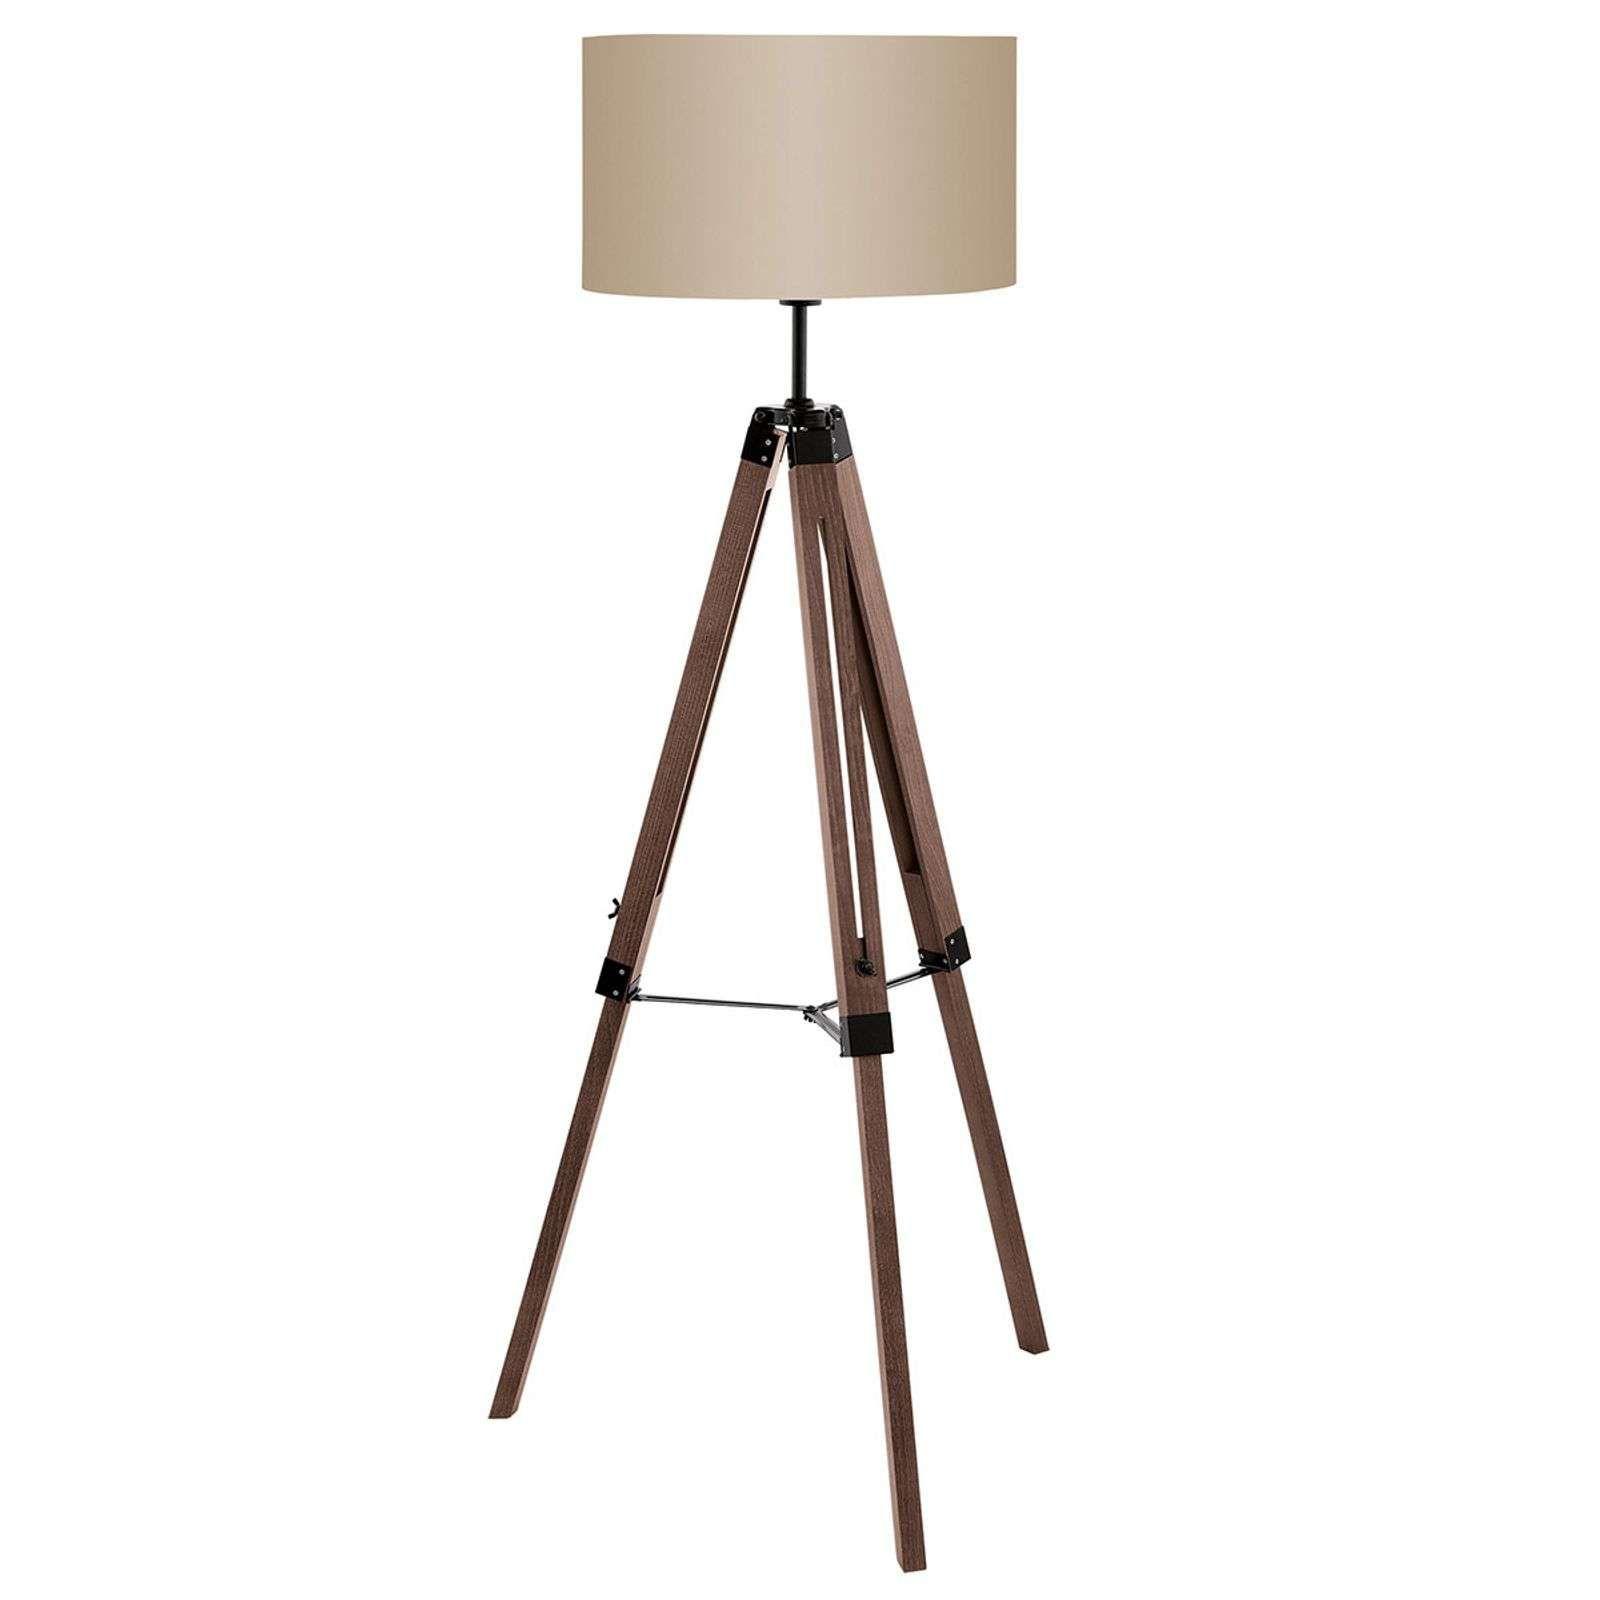 Stehleuchte Lantada Mit Dreibein Holzgestell Stehlampe